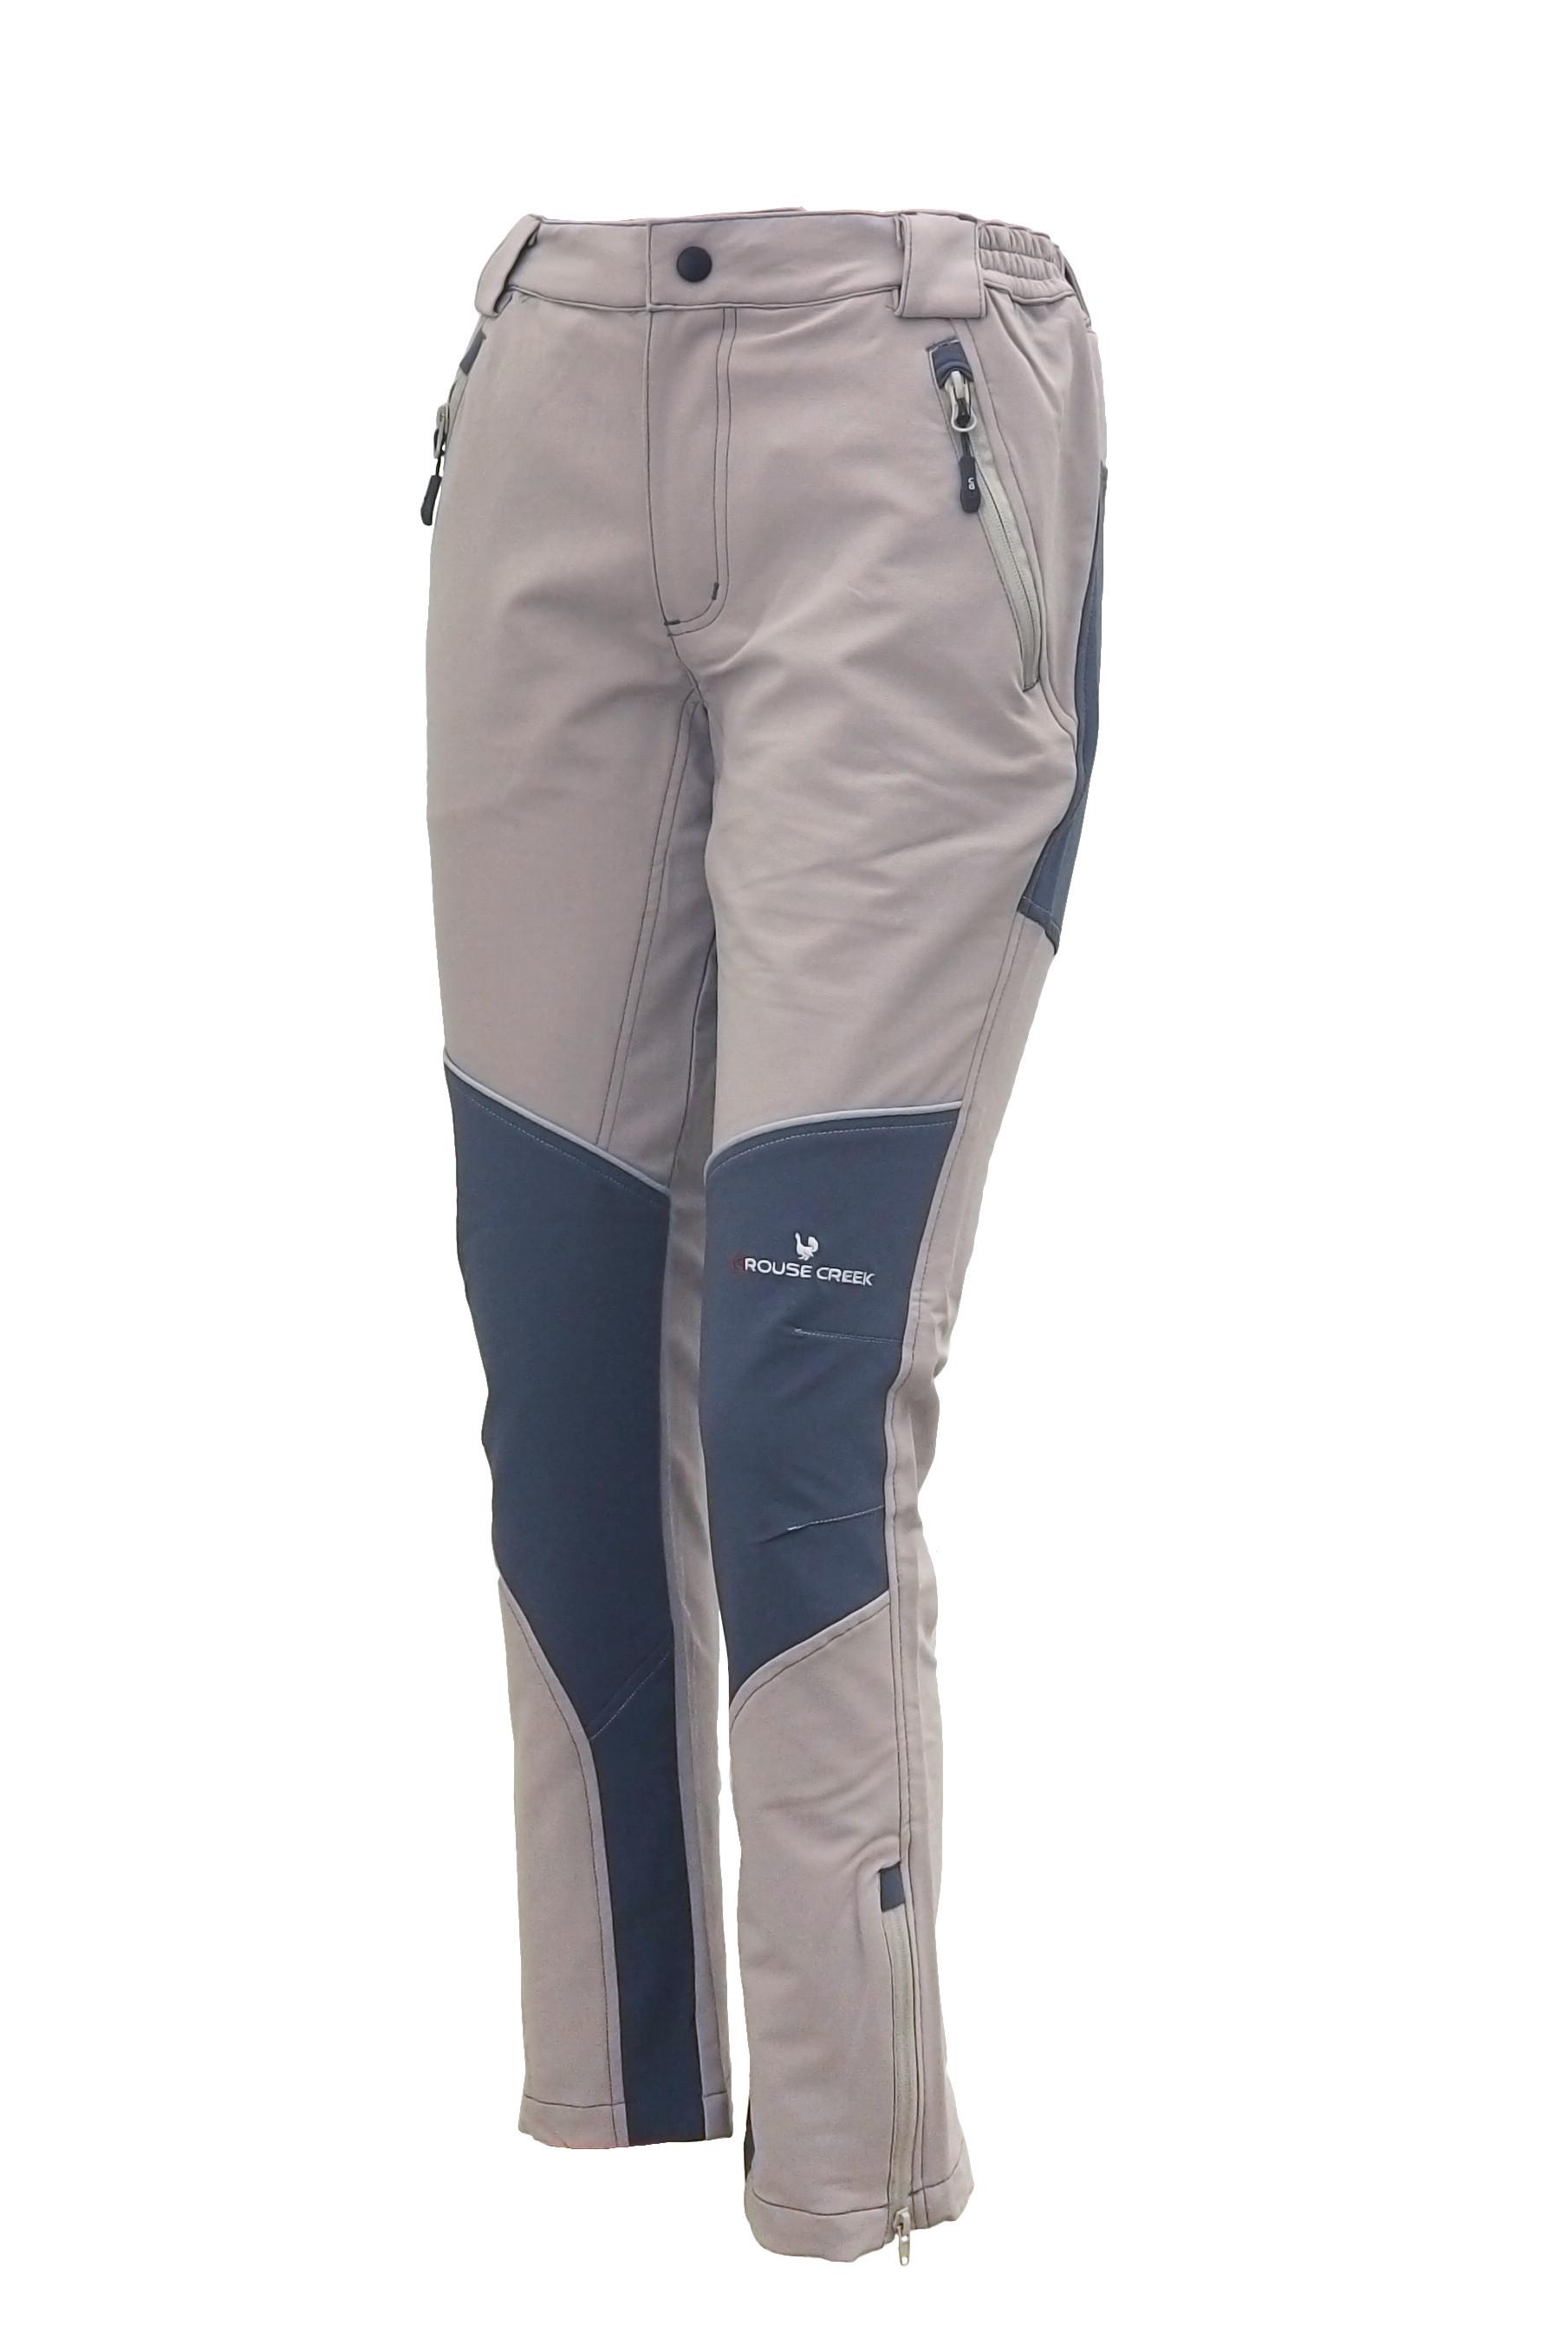 Spodnie Grizzly beige/dark grey